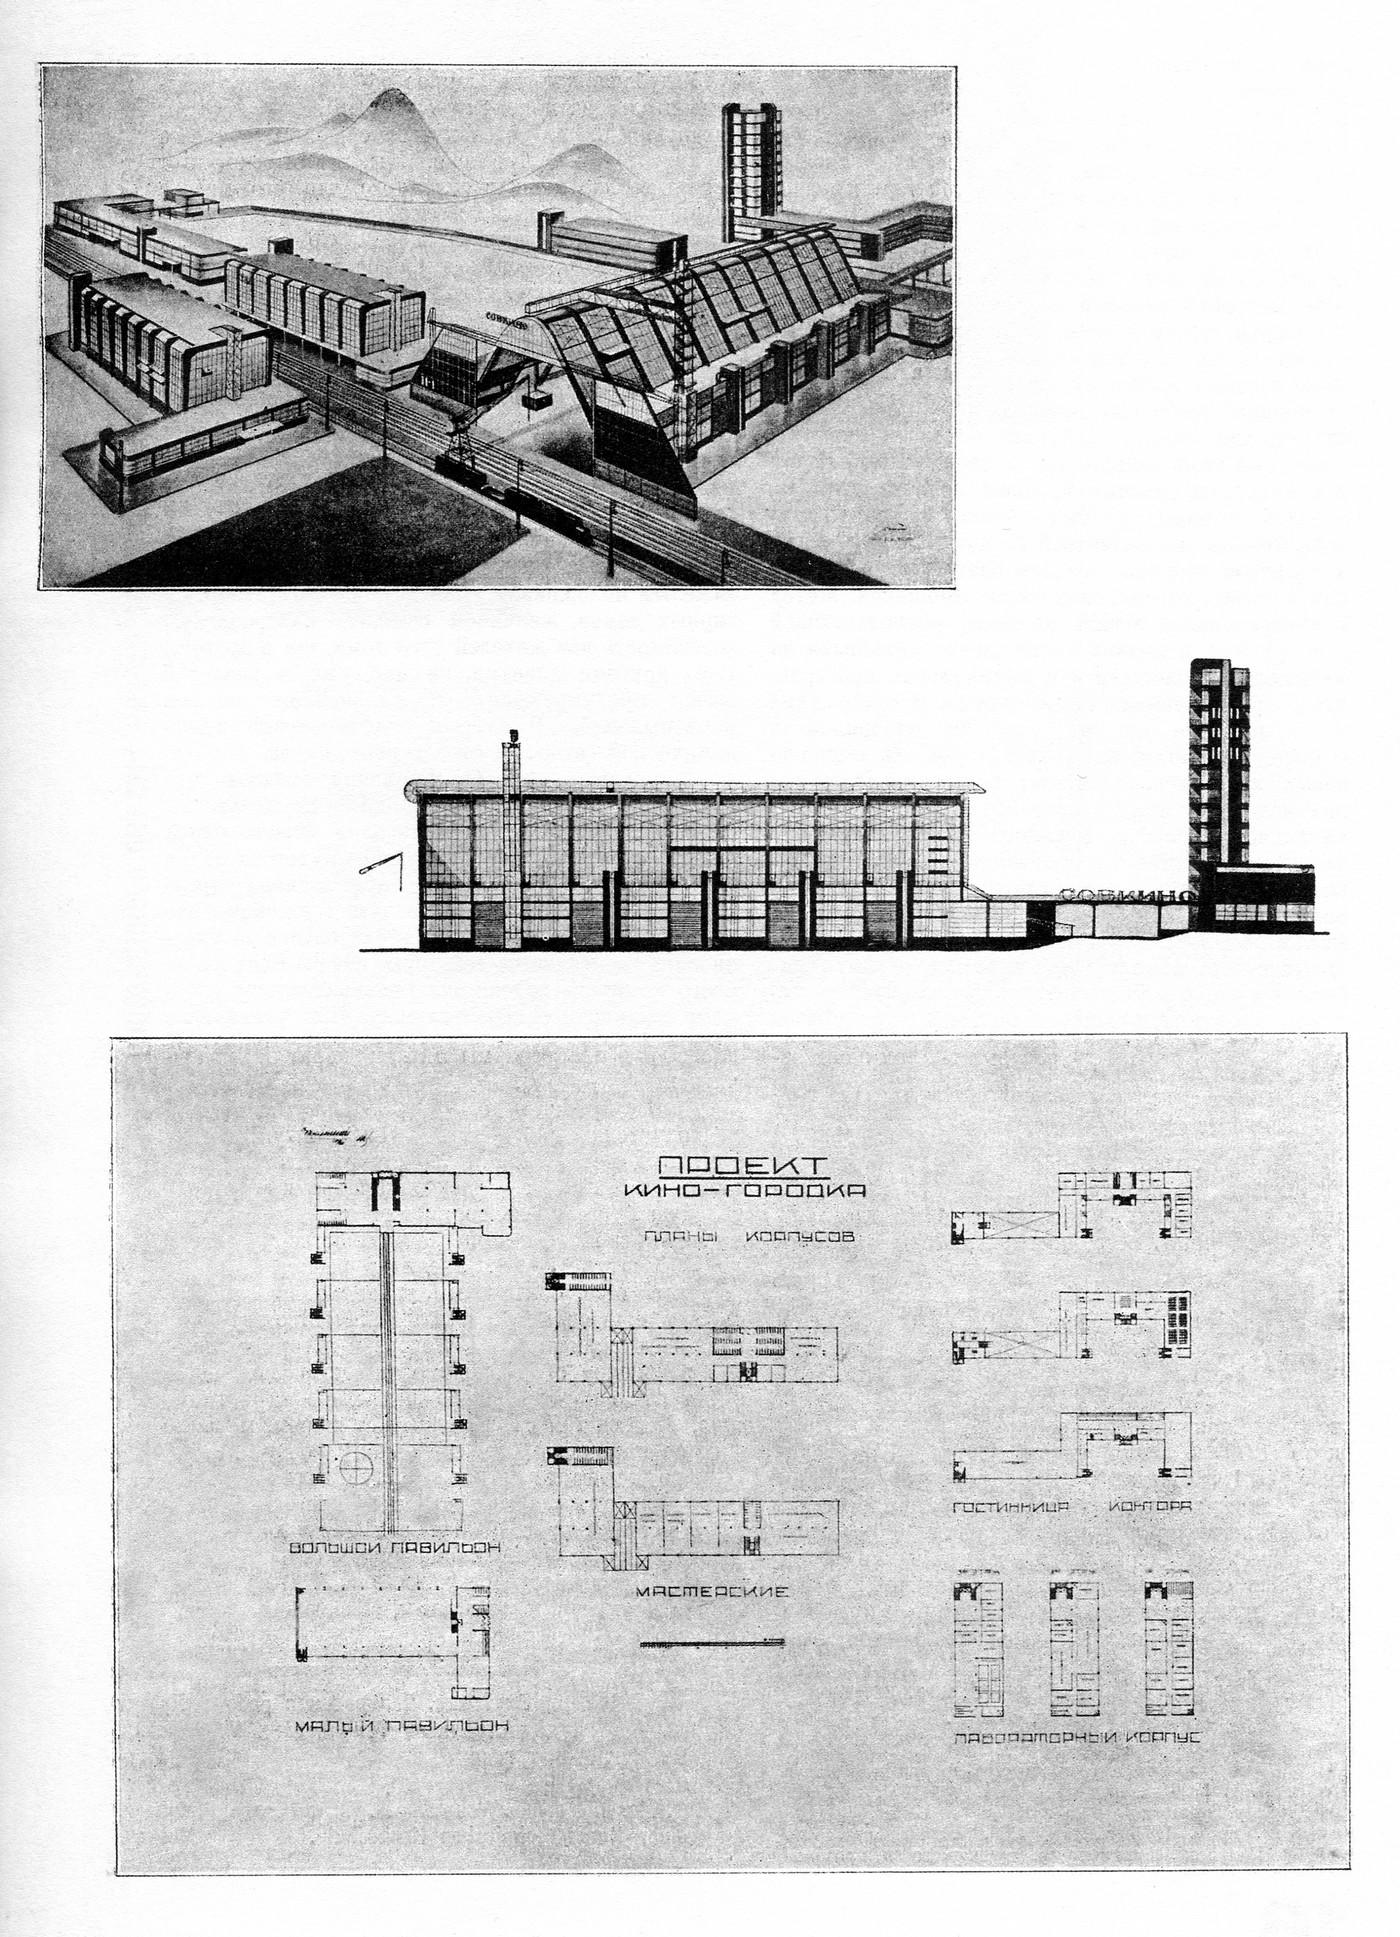 tehne.com-1927-1-019